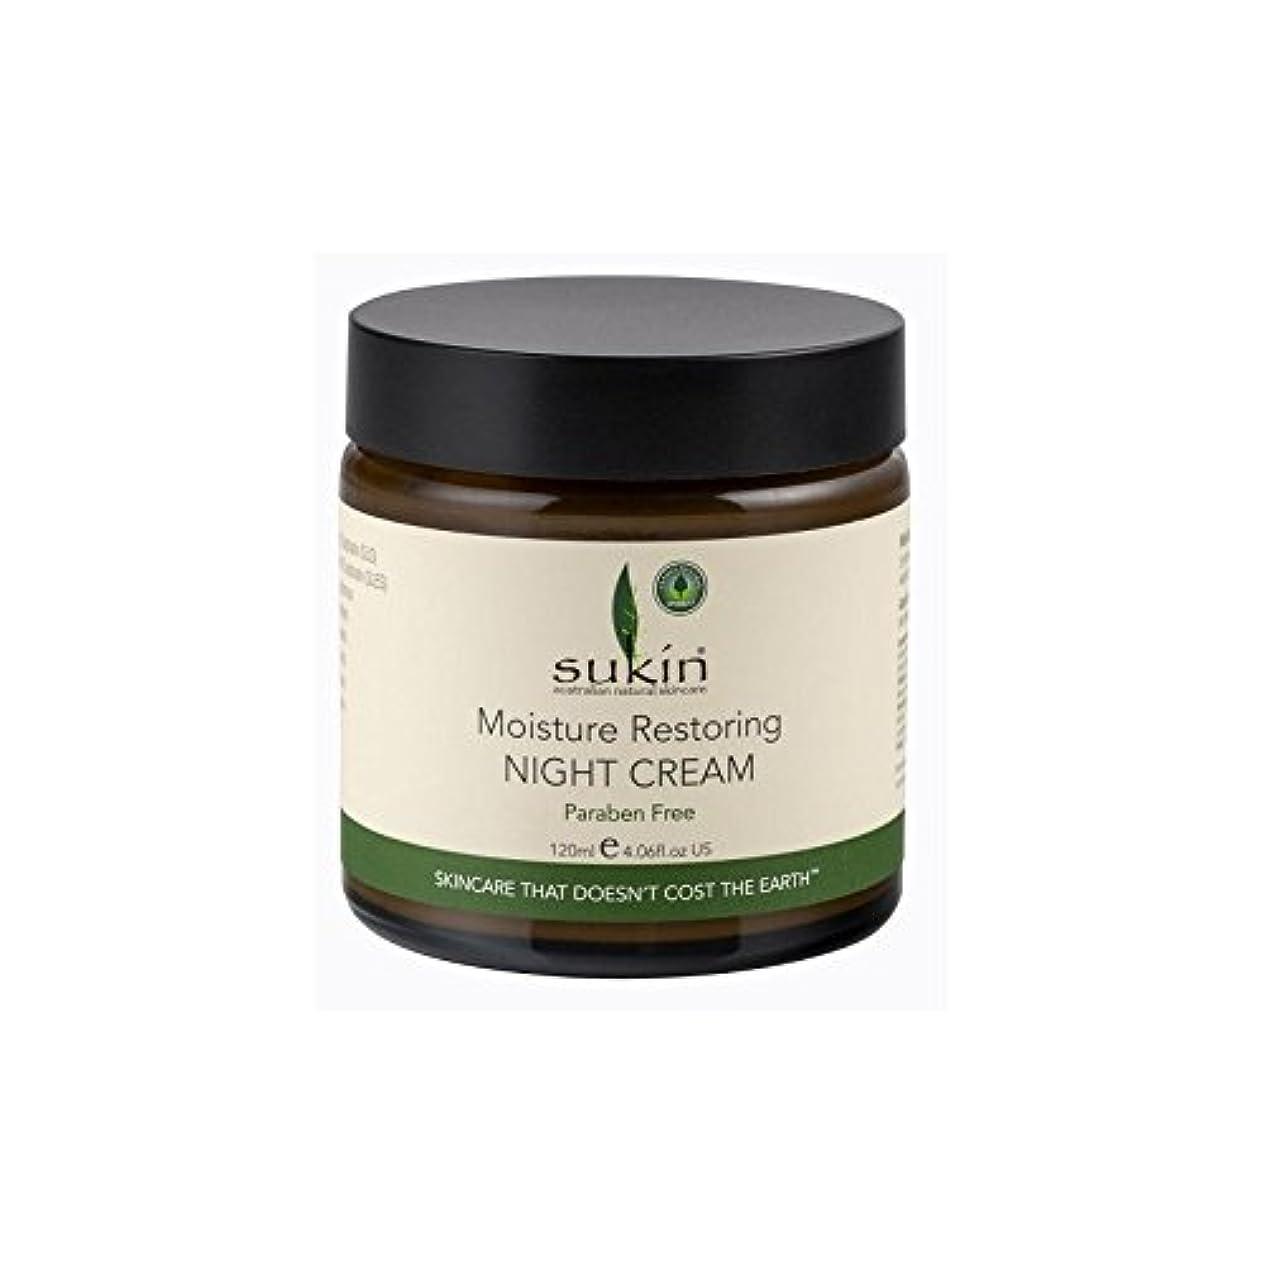 アフリカ人制限された政府Sukin Moisture Restoring Night Cream (120ml) (Pack of 6) - 水分復元ナイトクリーム(120ミリリットル) x6 [並行輸入品]